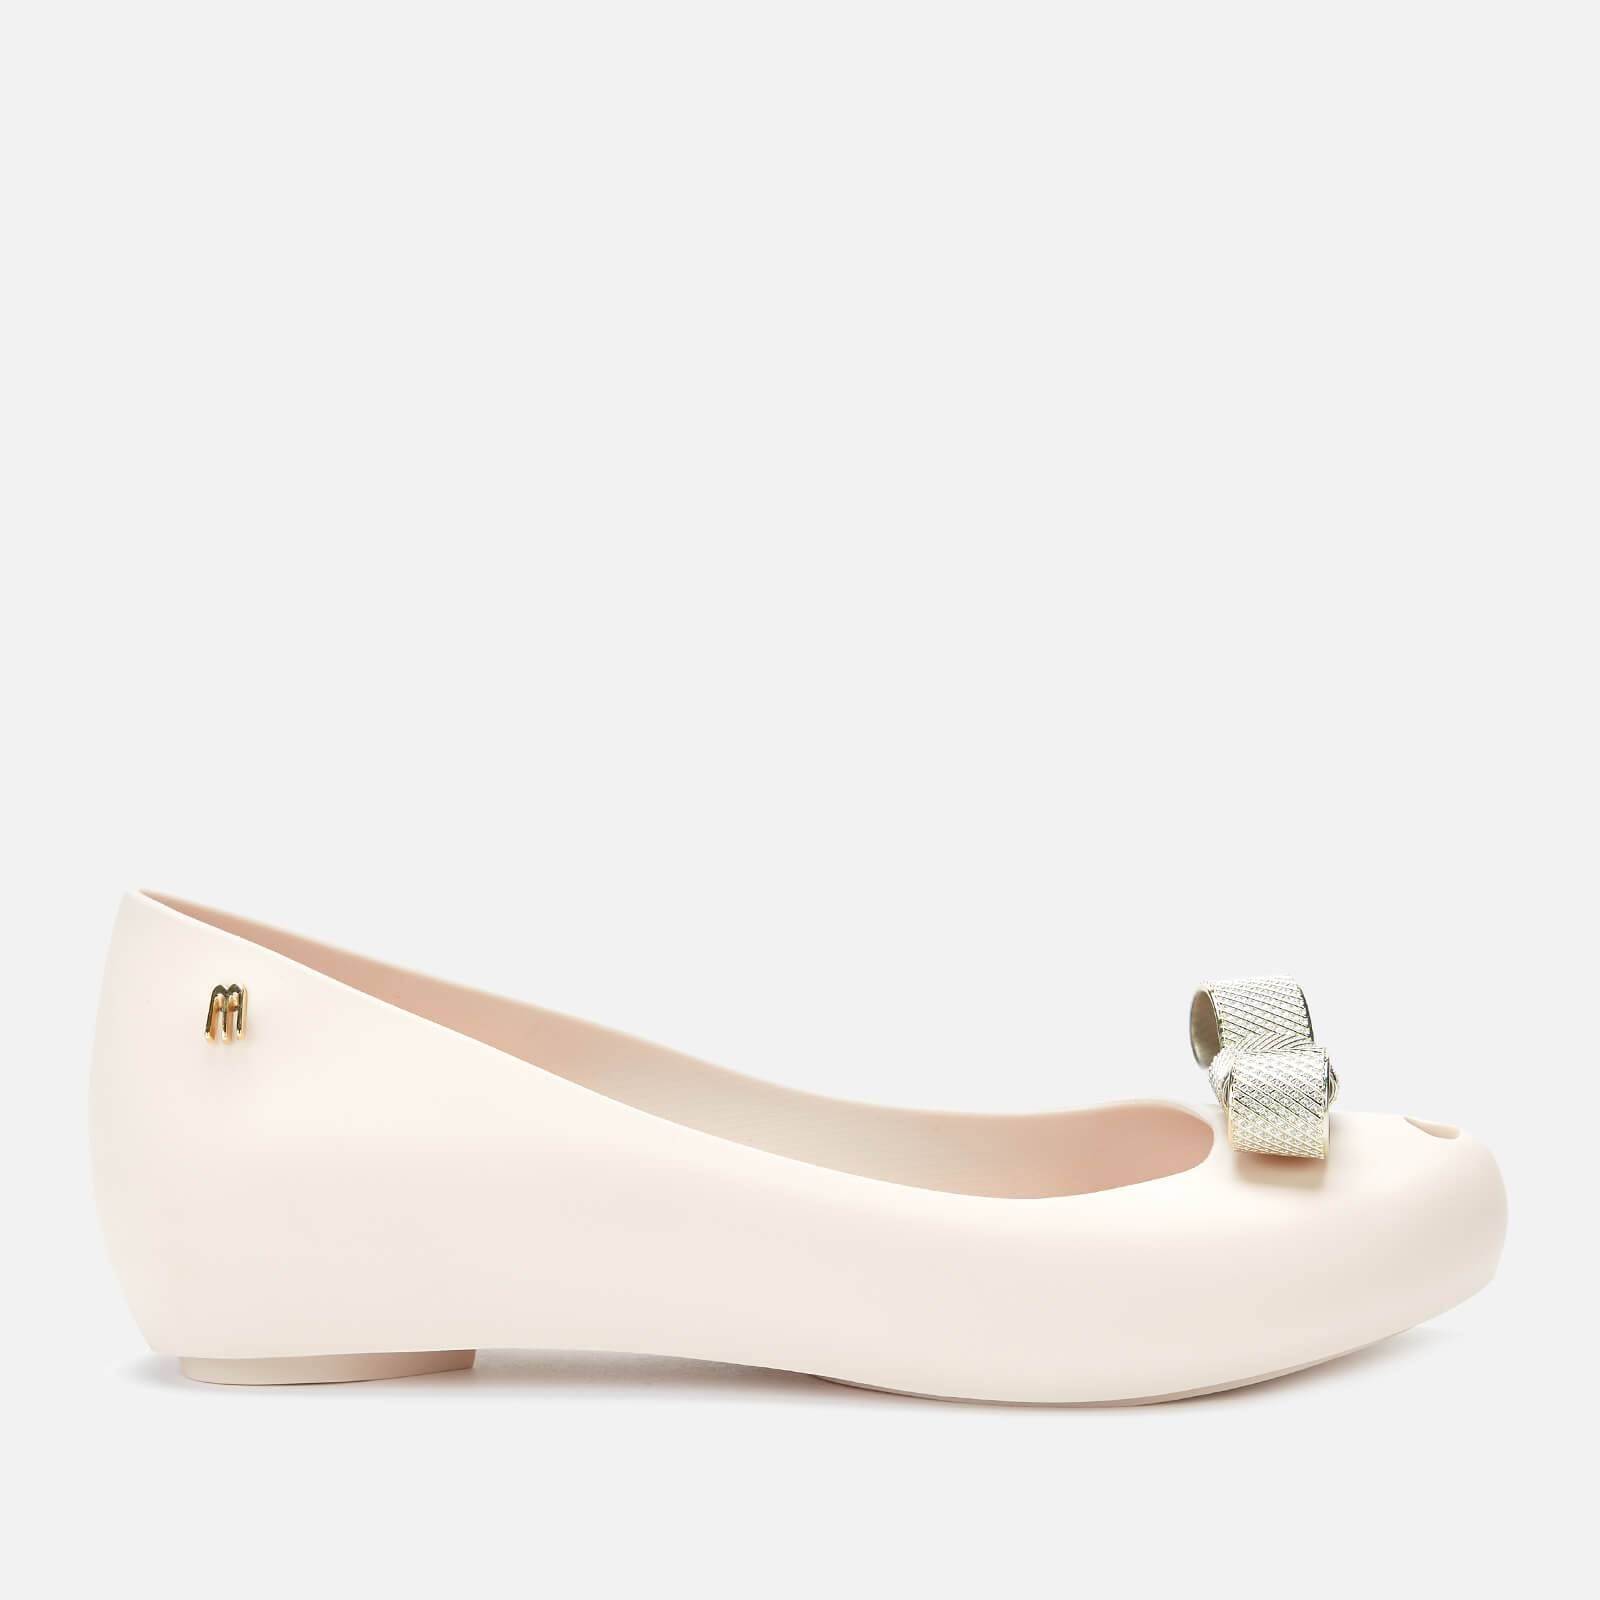 Melissa Women's Ultragirl Chrome Tie Ballet Flats - Ivory - UK 8 - White